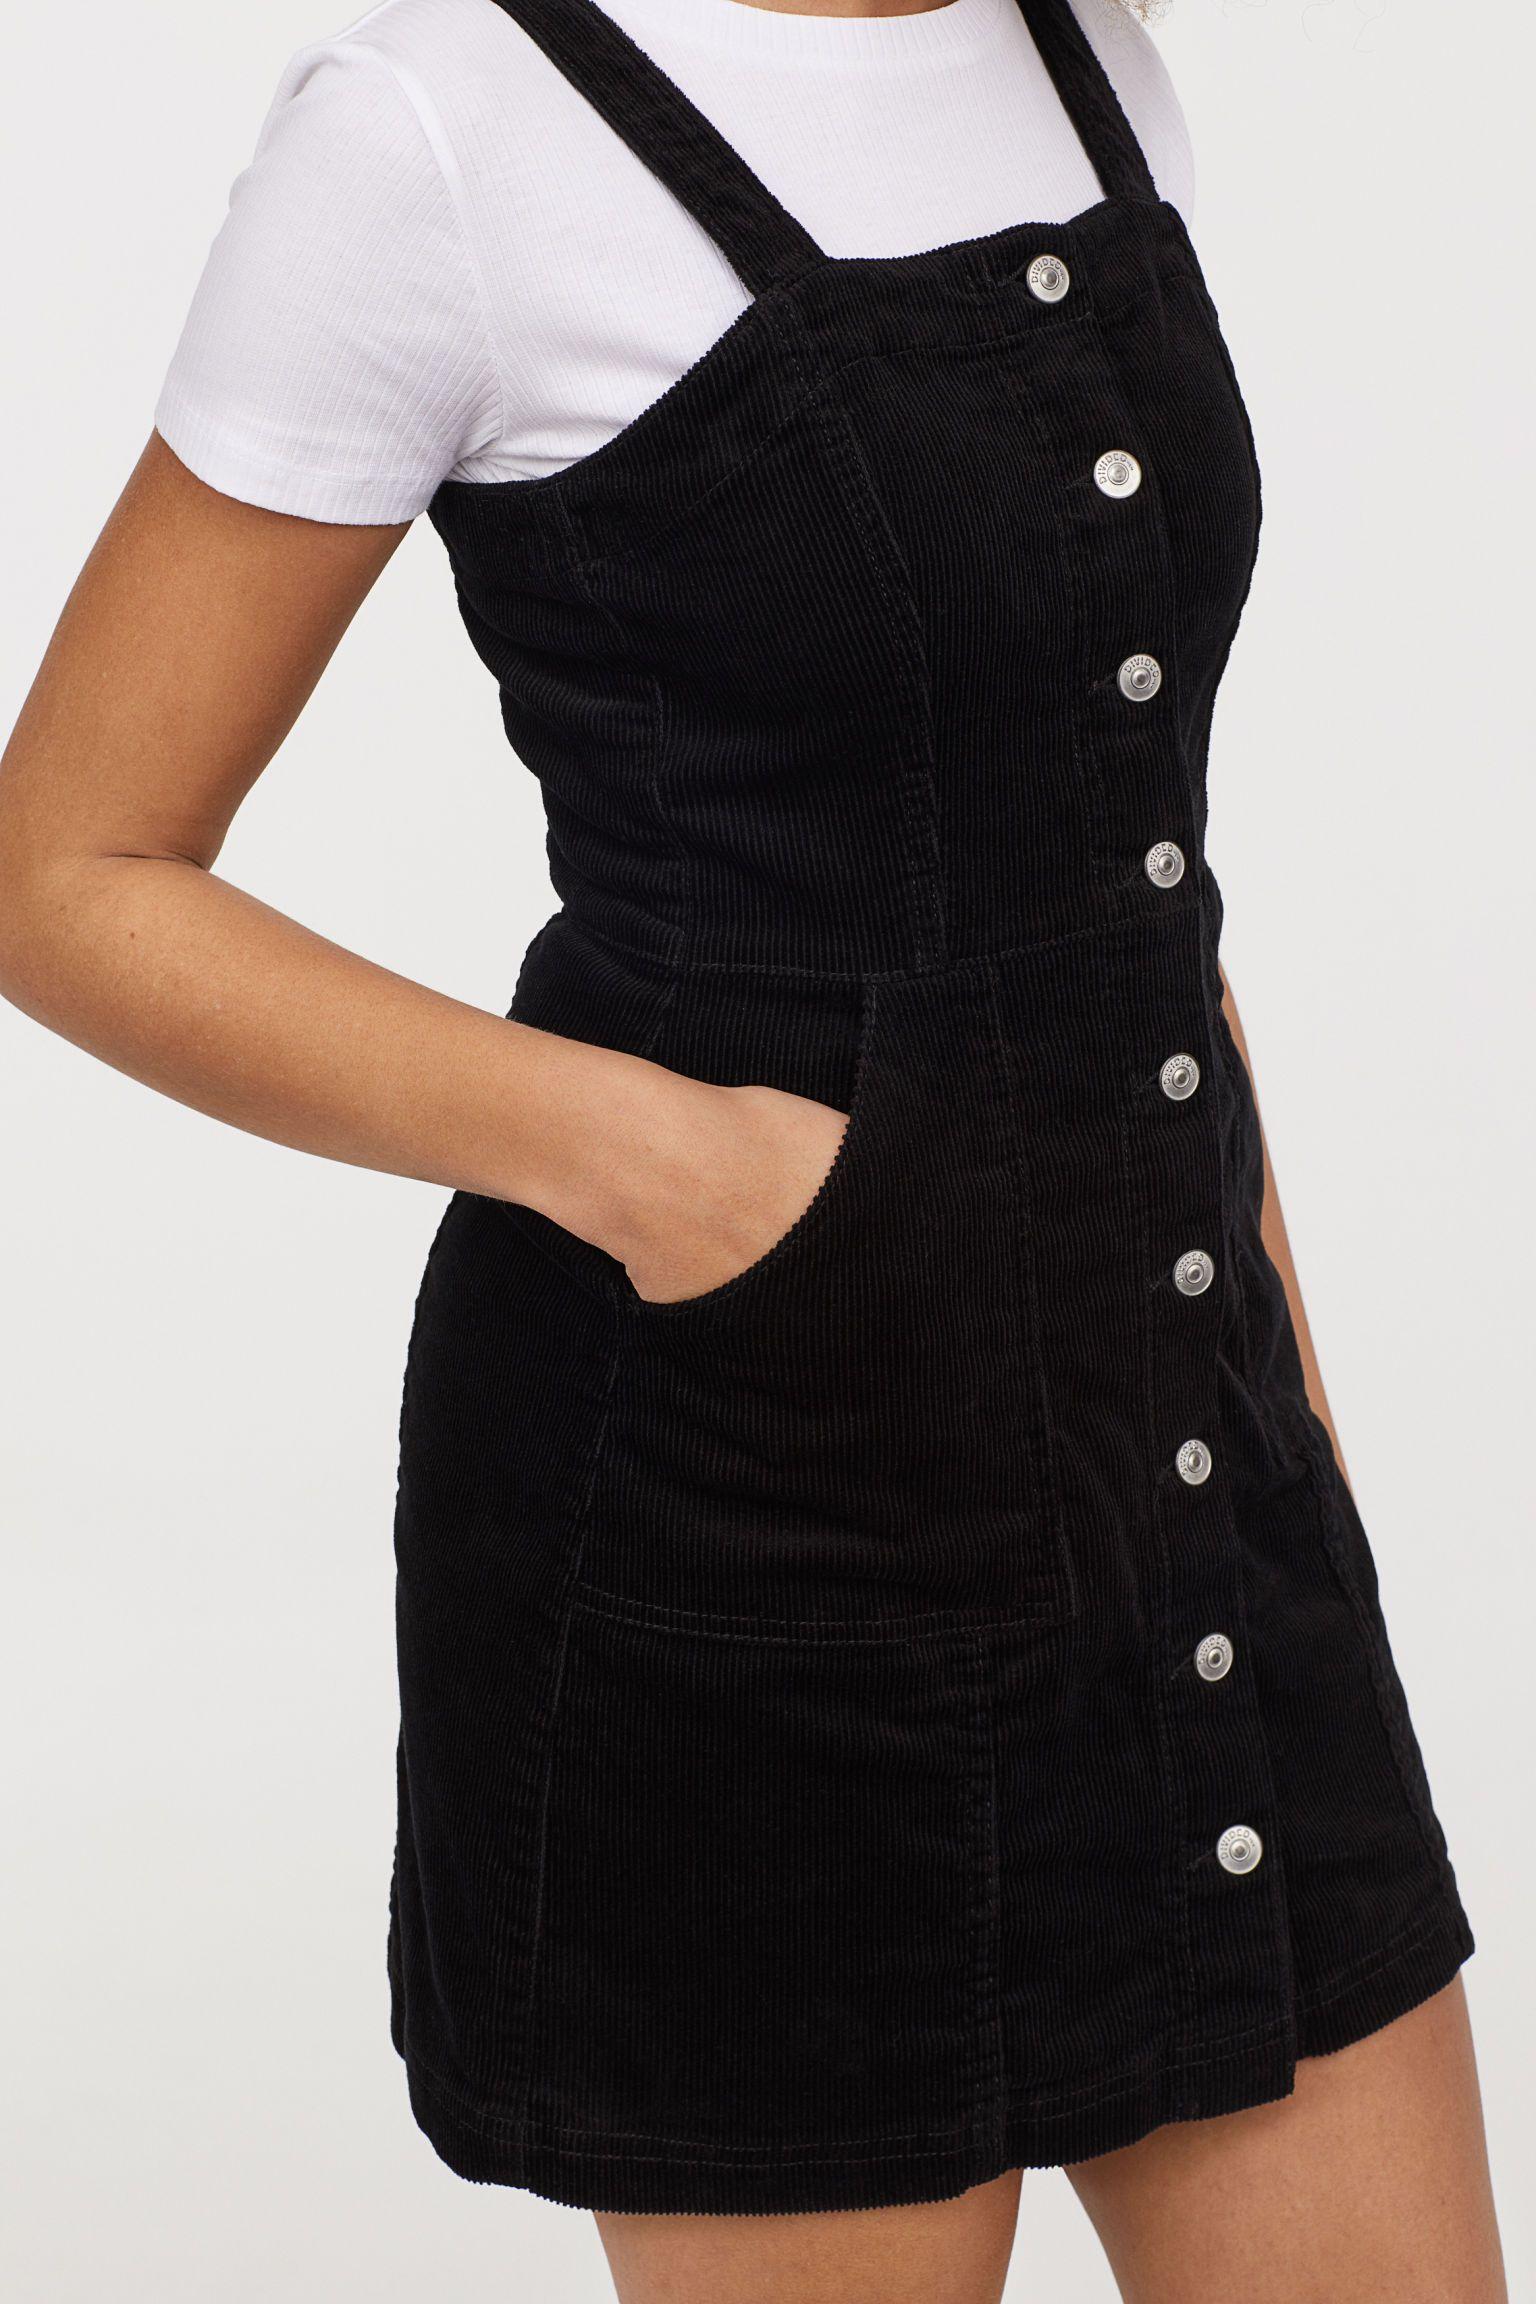 Tragerkleid Kleidung Kleidung Mode Overall Kleid